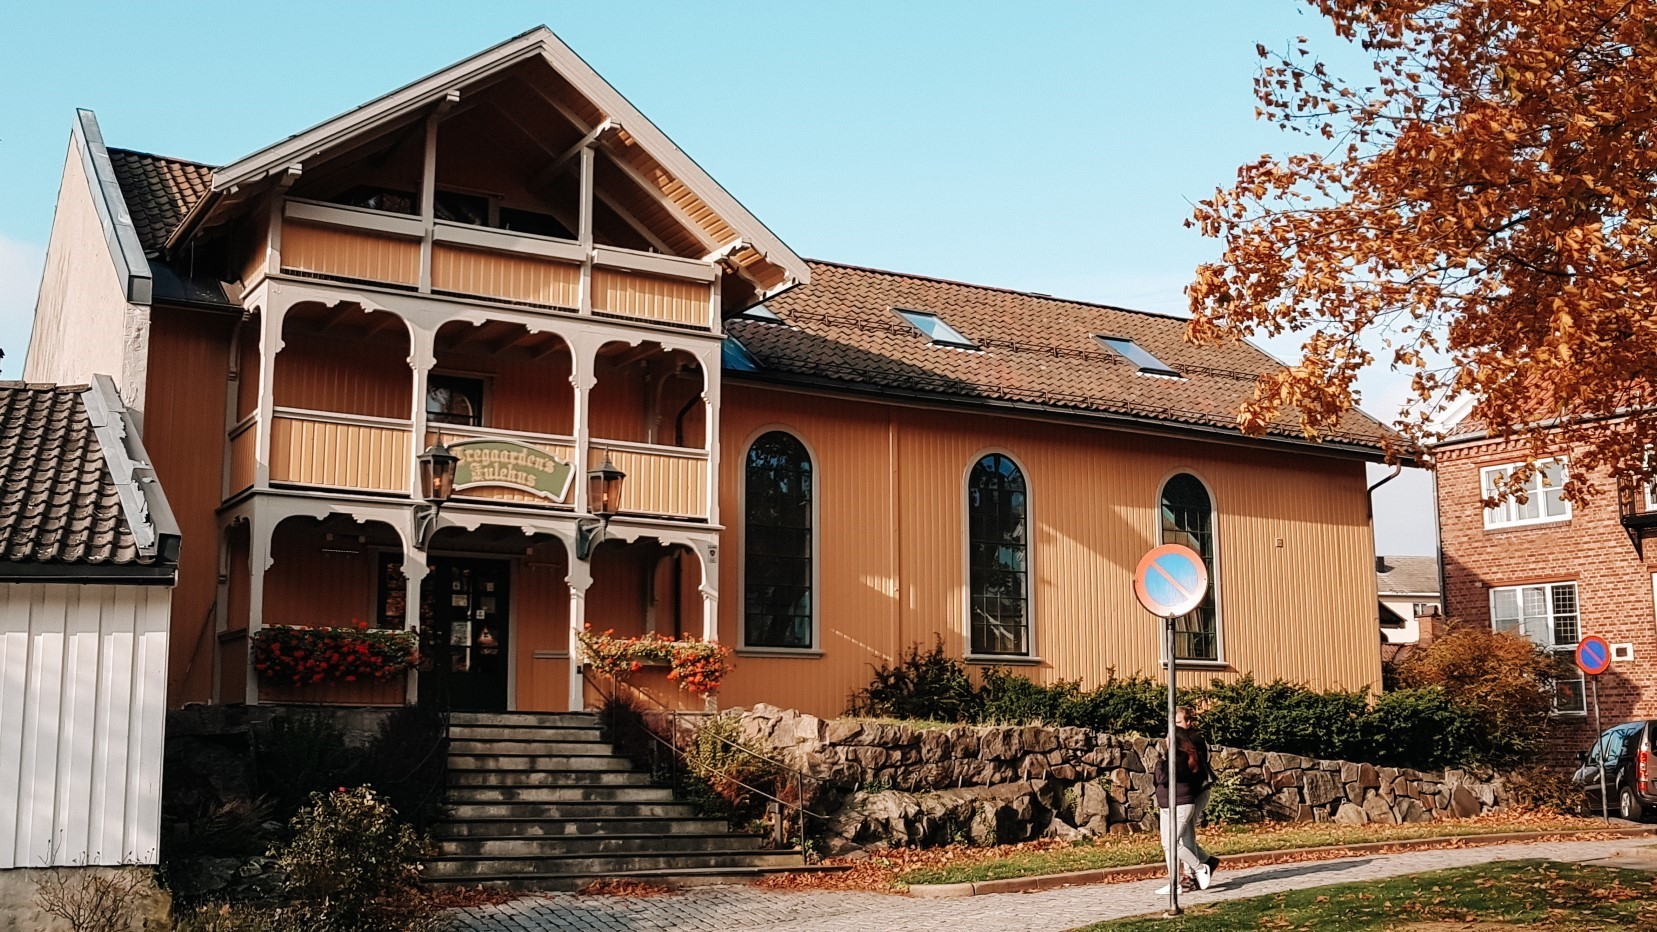 Dom św. Mikołaja jesienią. Drobak niedaleko Oslo.